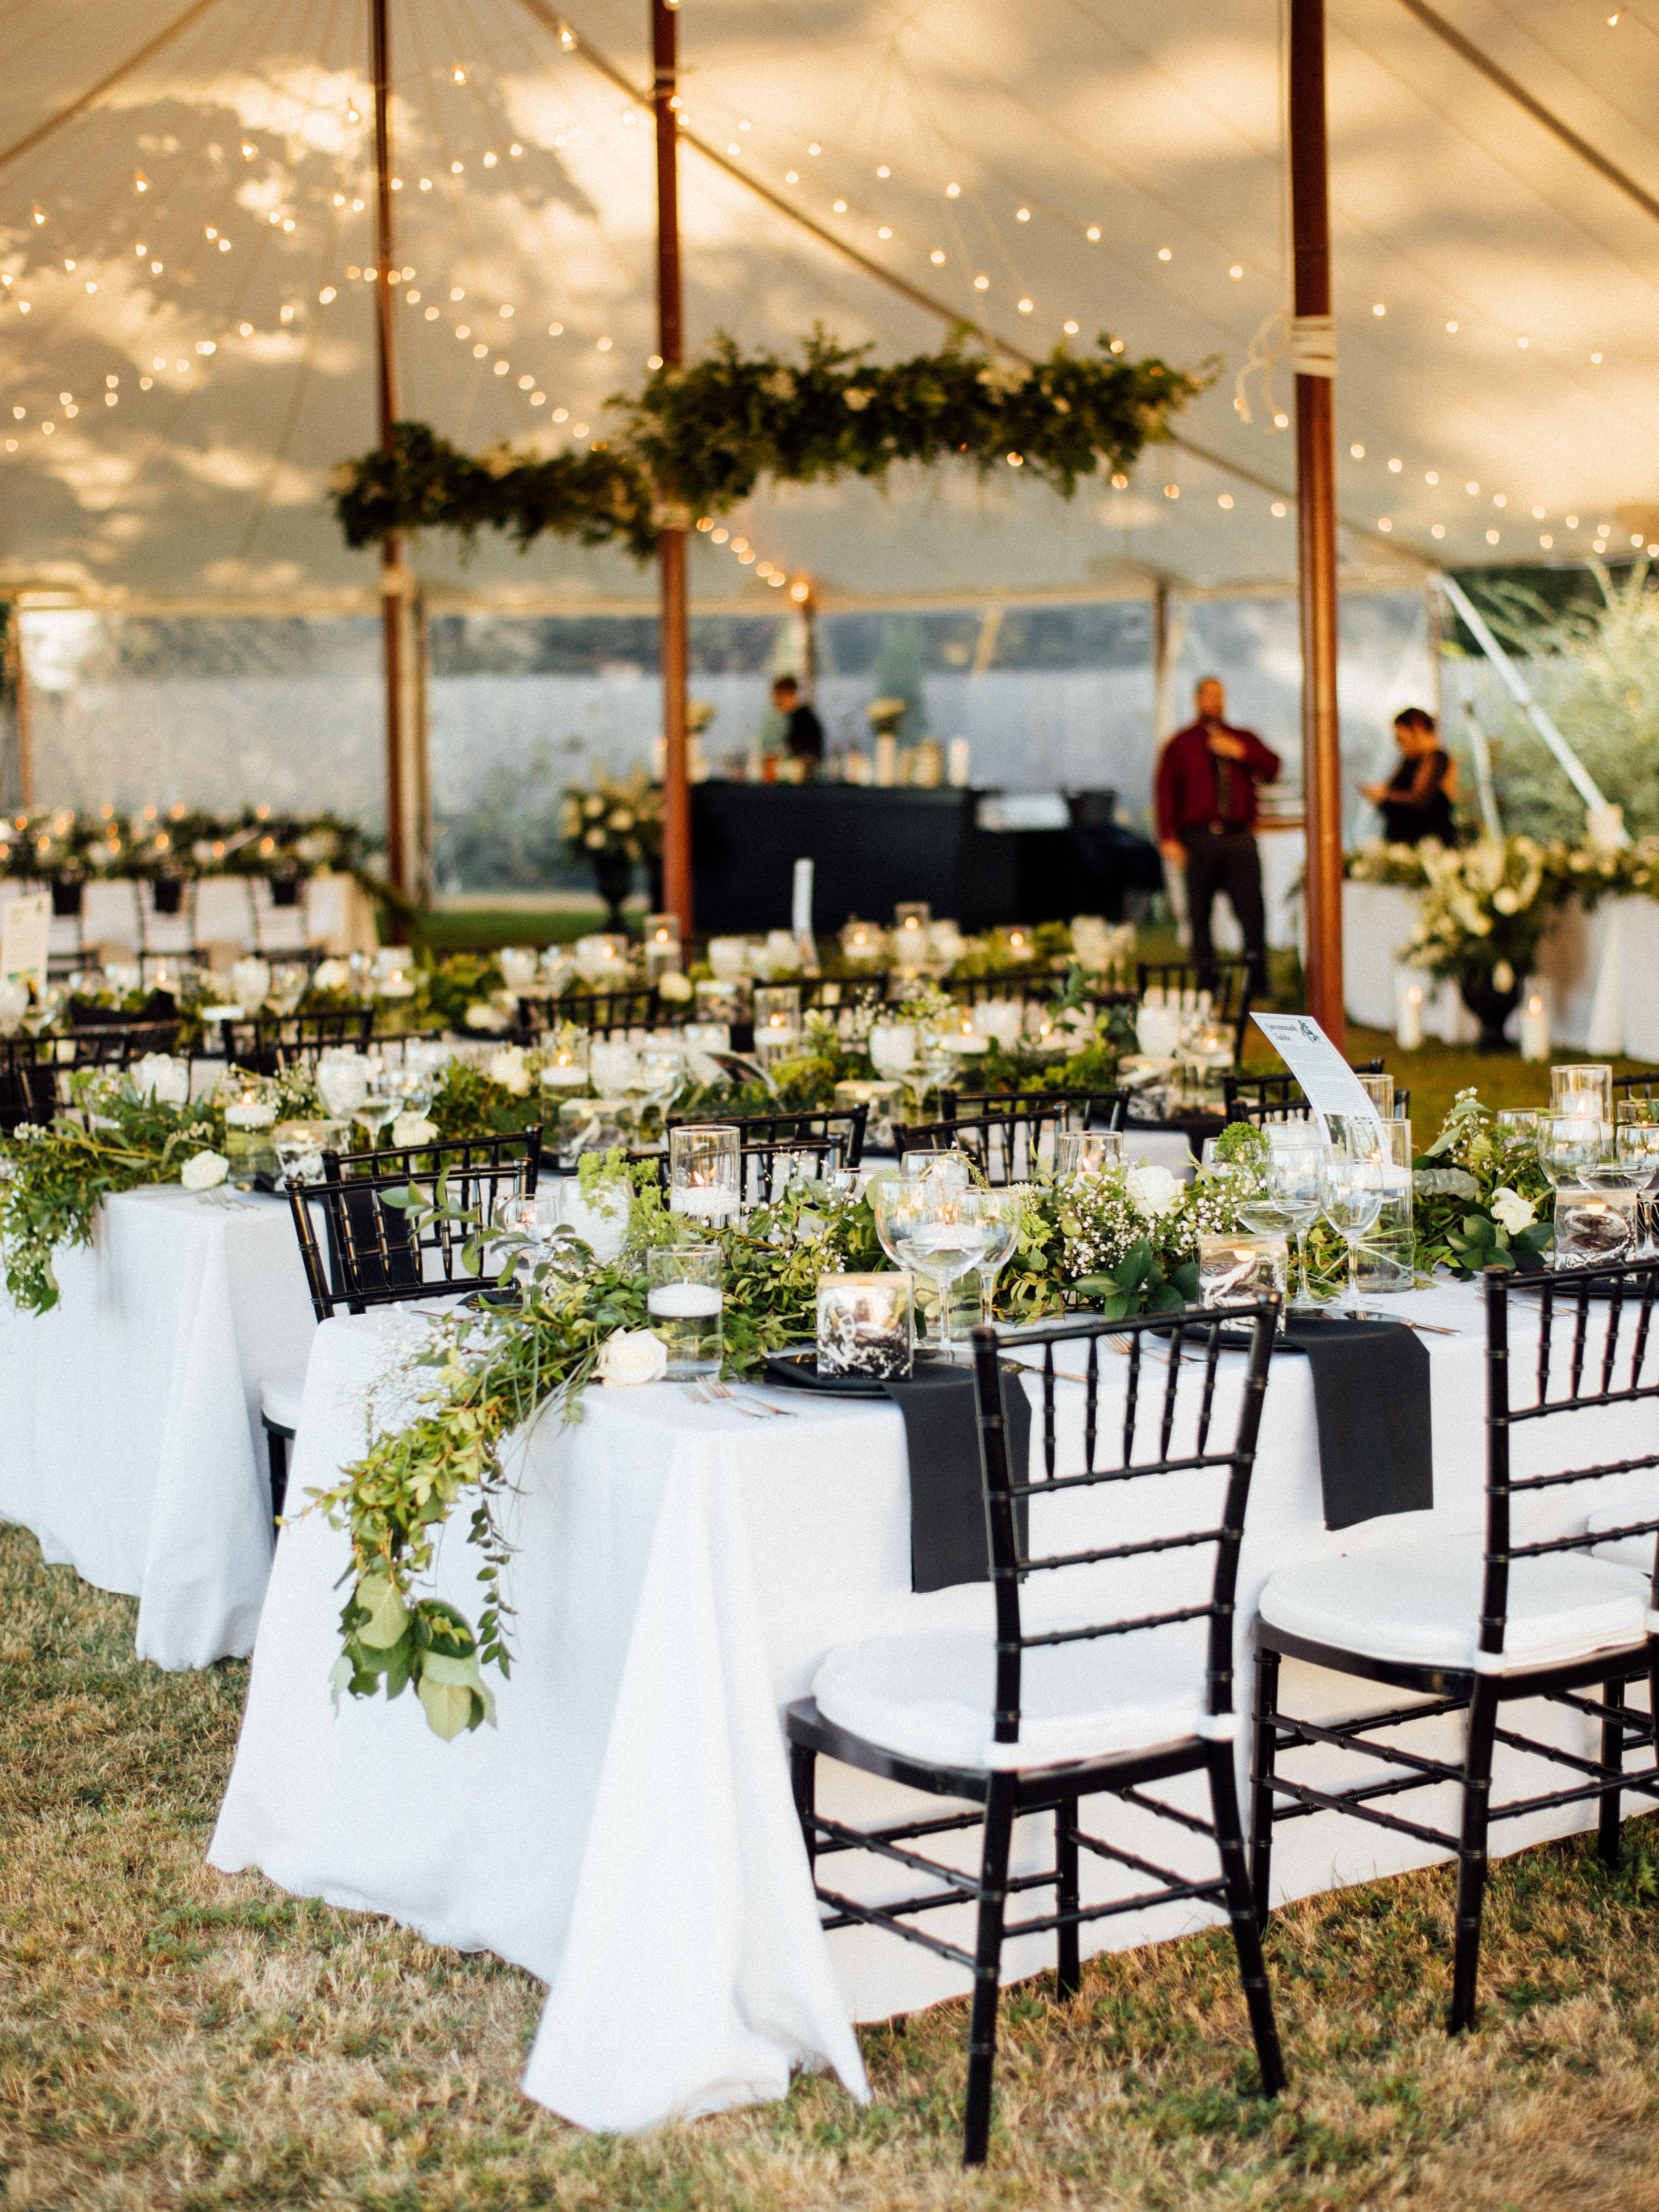 #greenery #outdoor #diy #tent #decor #wedding #chandelier ...